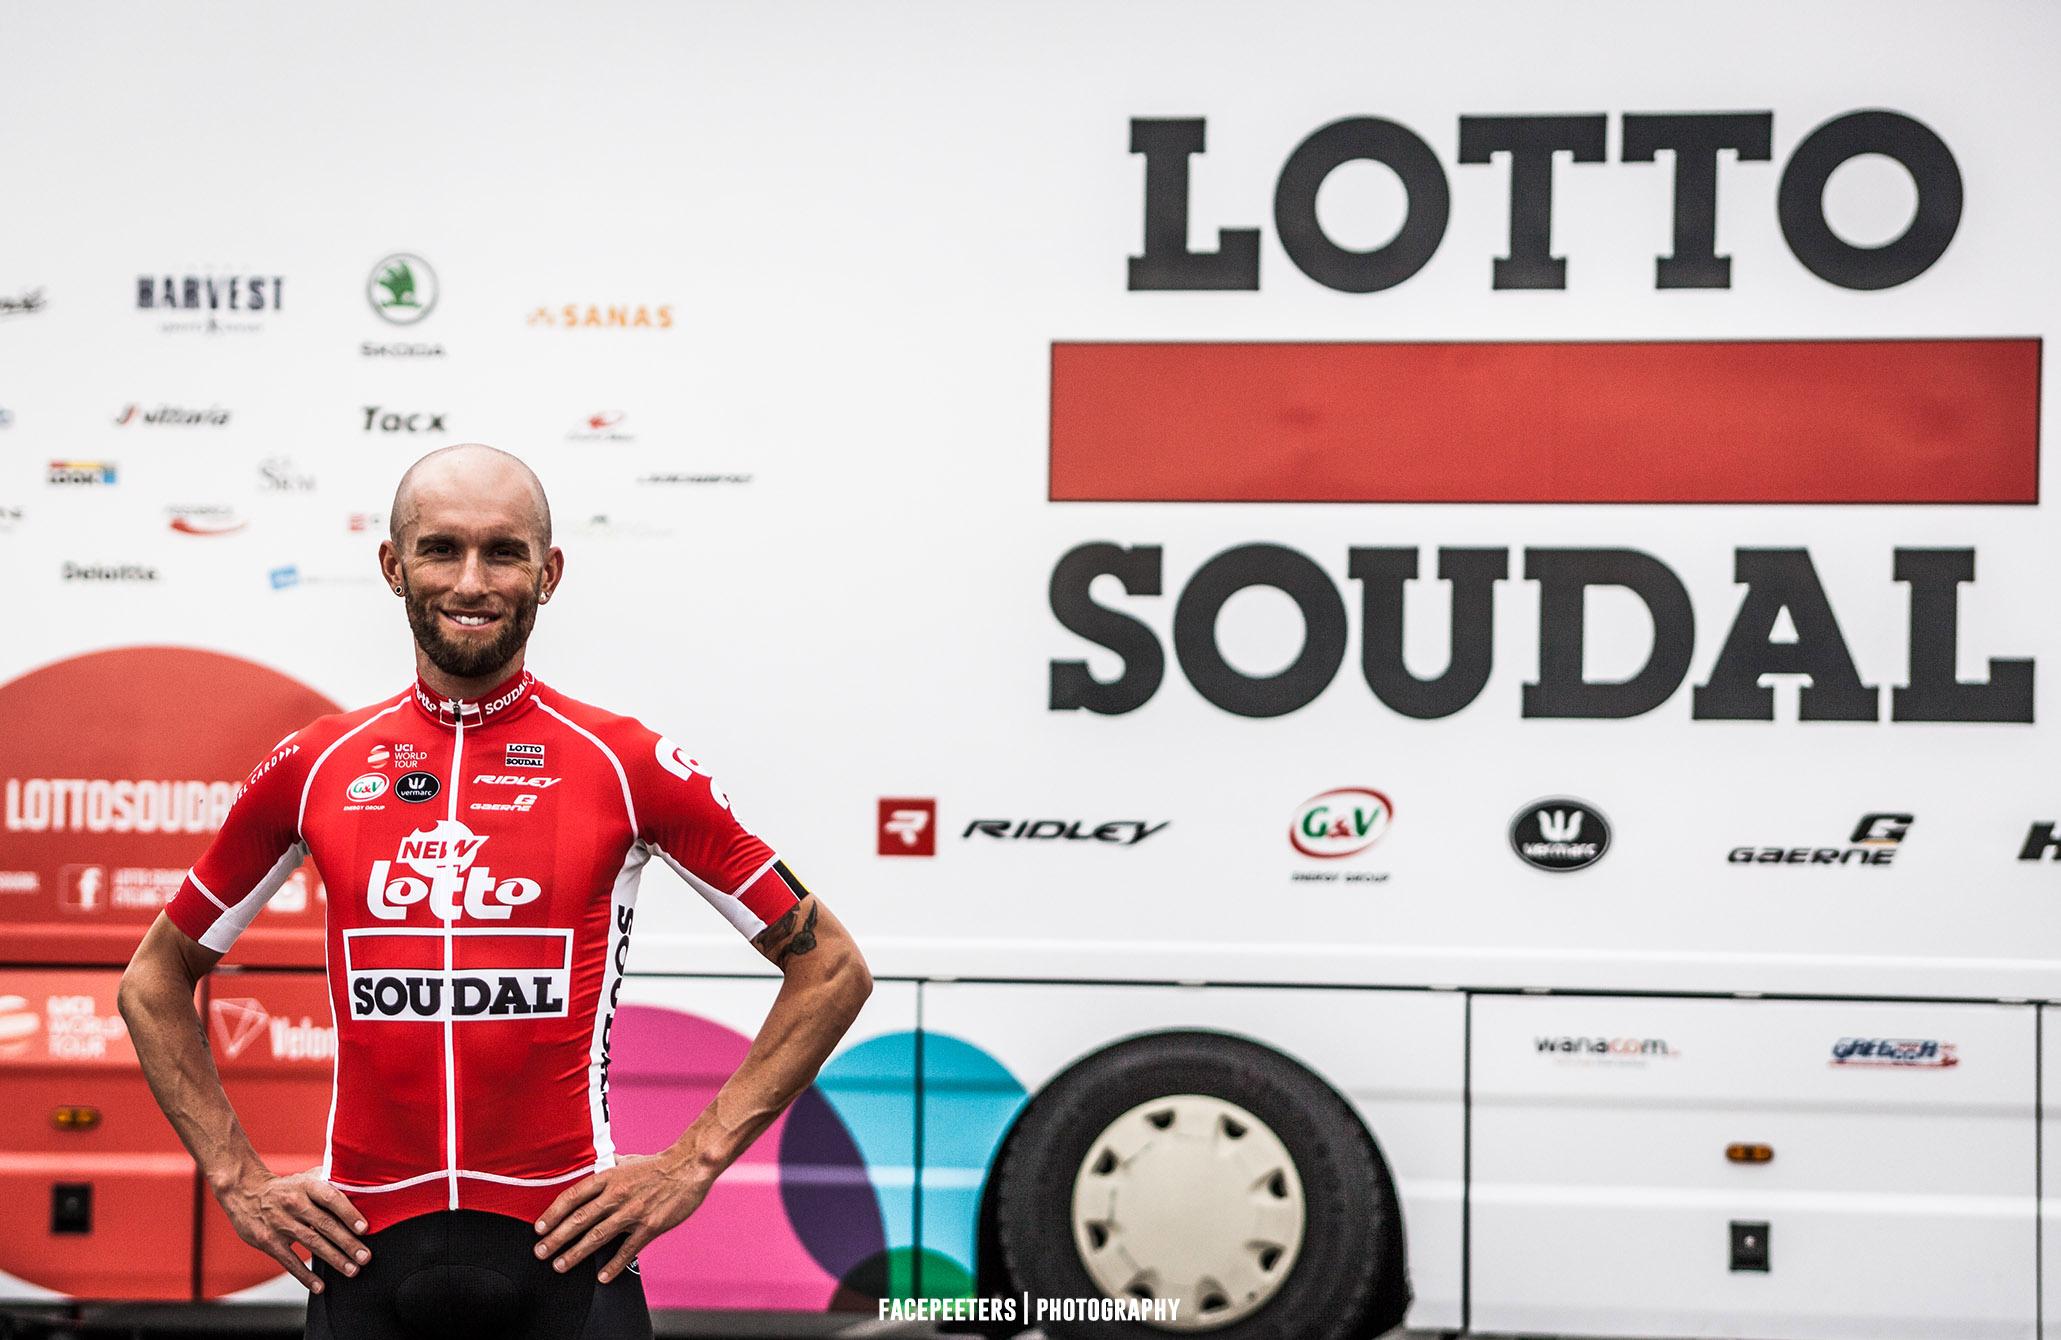 Wywiad z Tomaszem Marczyńskim z Lotto Soudal po pierwszych etapach Tour de France